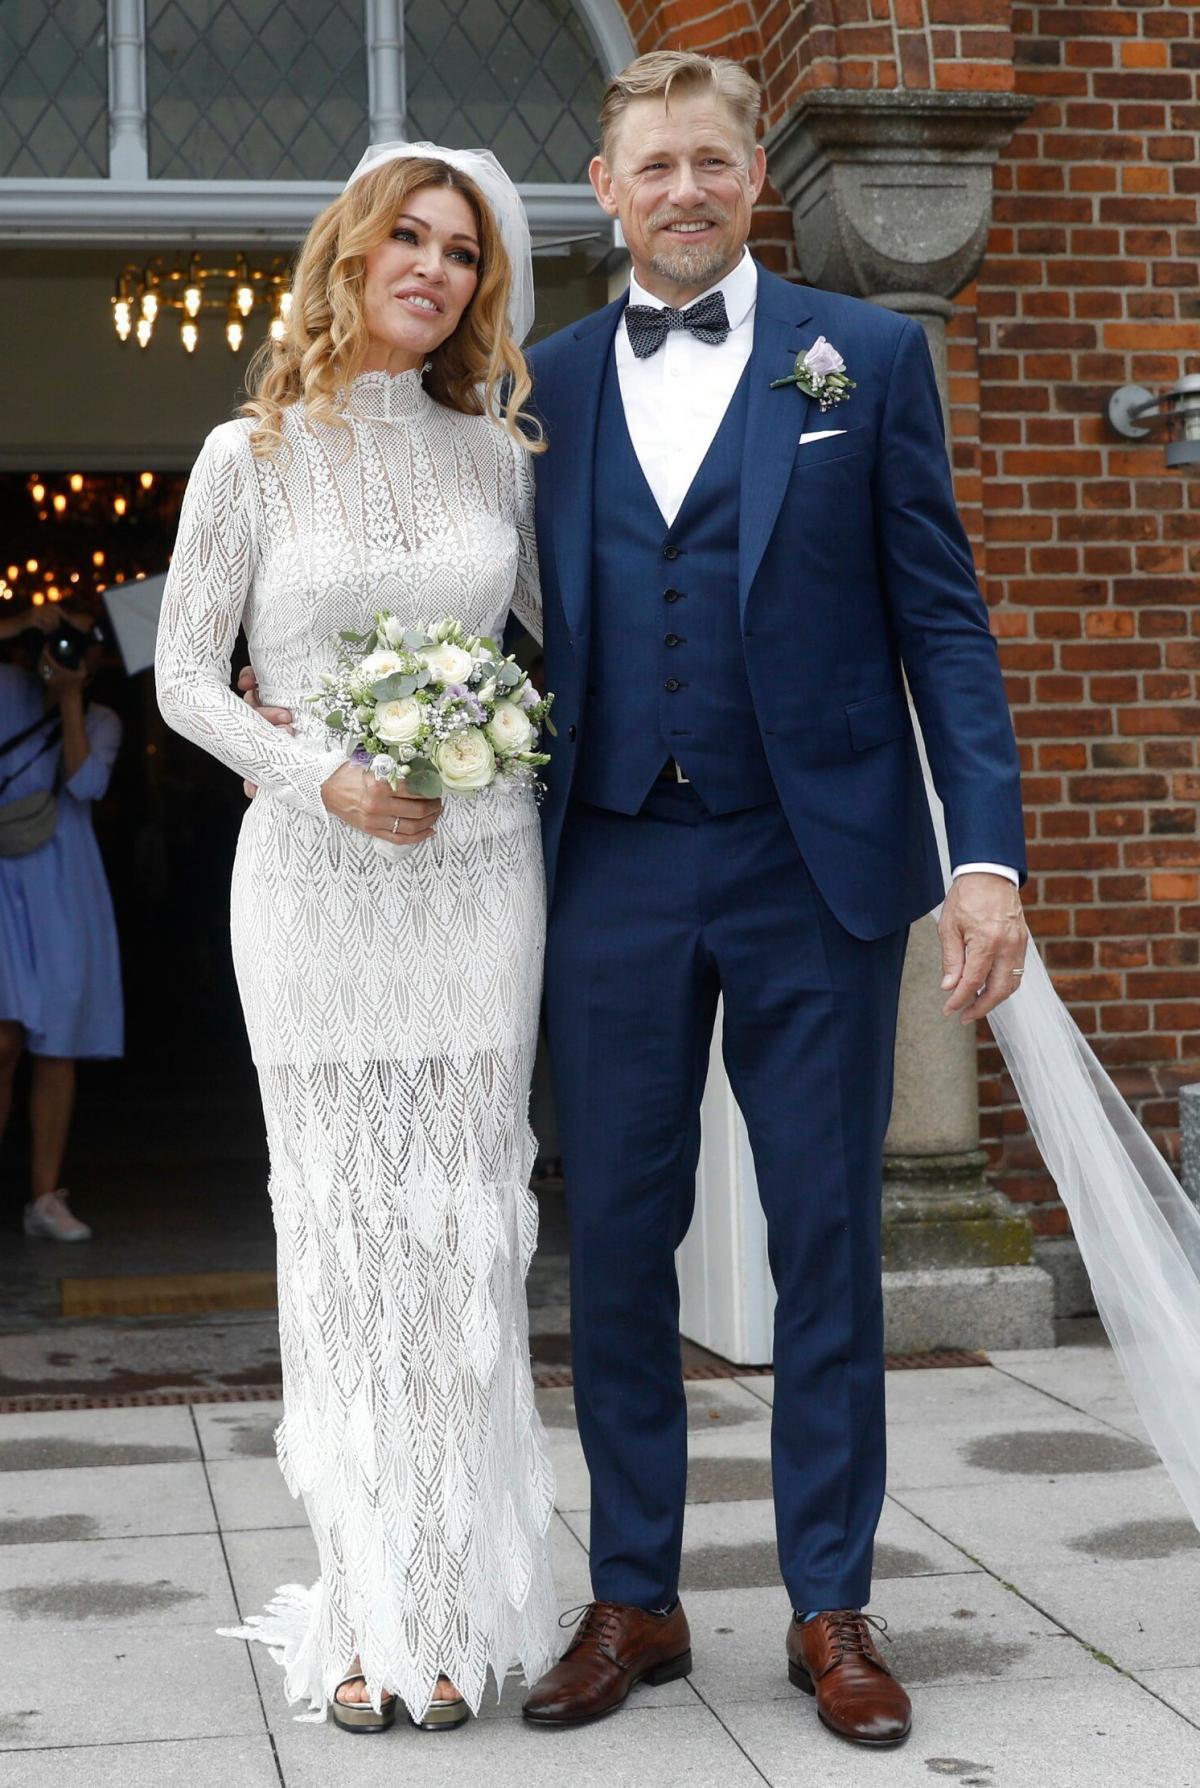 Footballer, Peter Schmeichel and Laura Von Lindholm June 2019